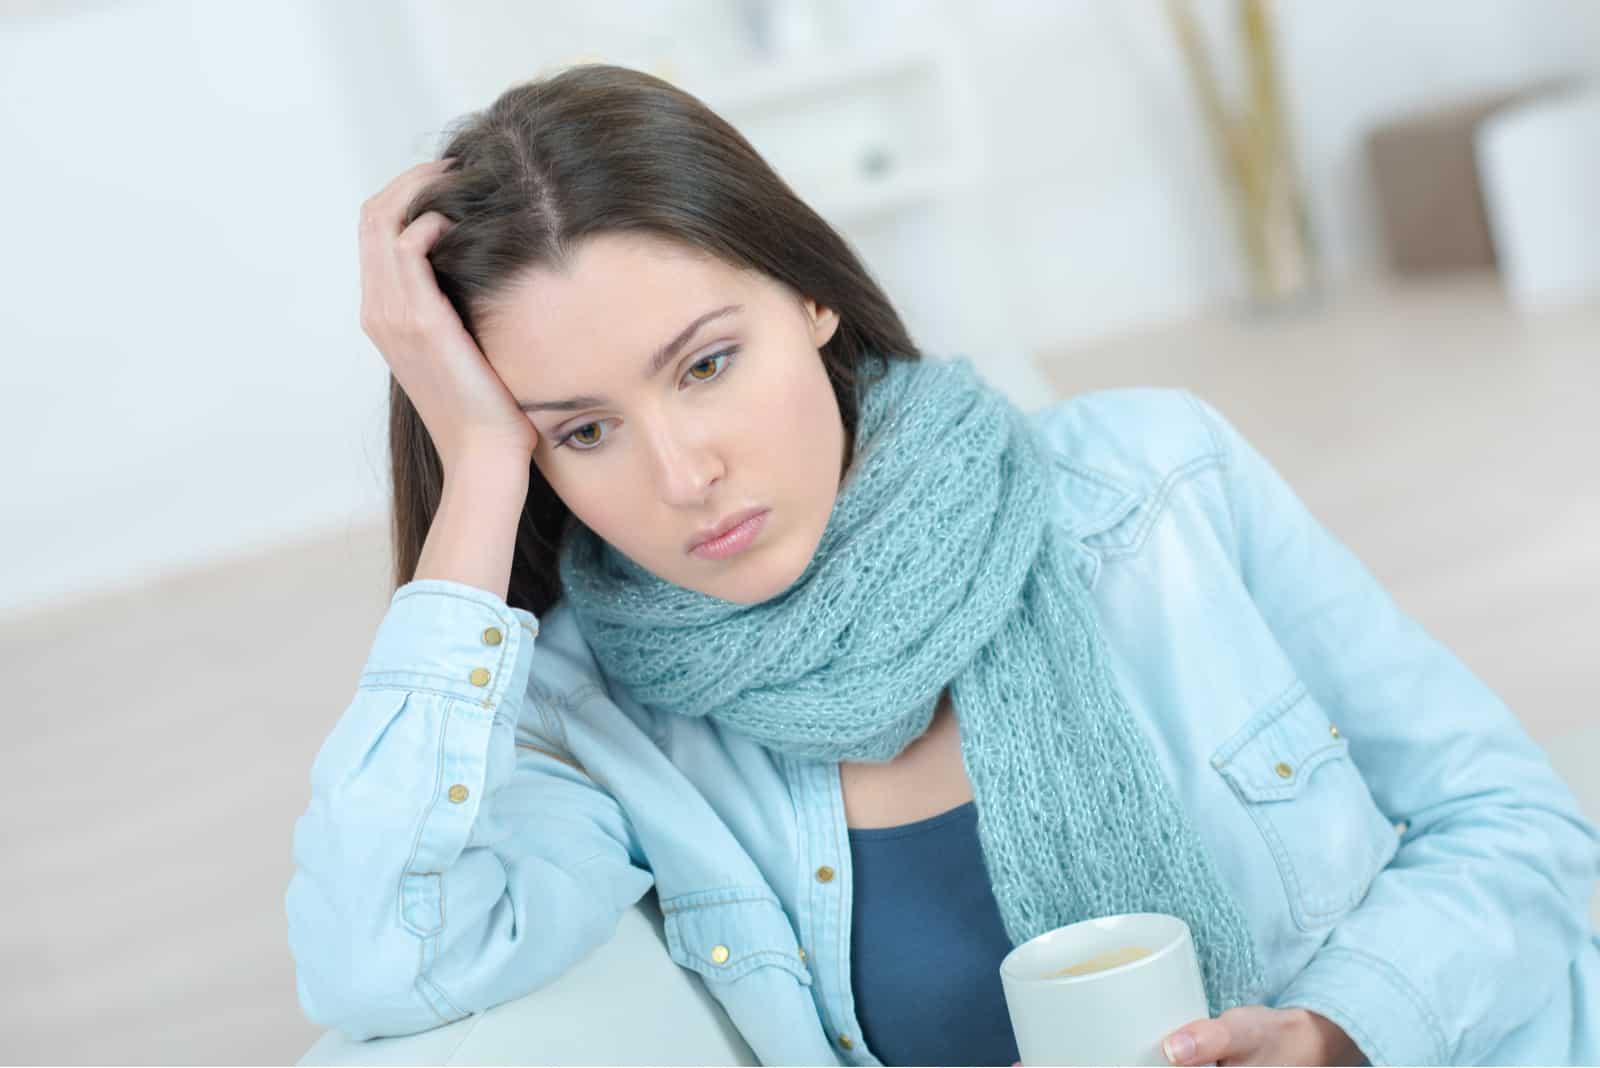 une femme triste boit du café